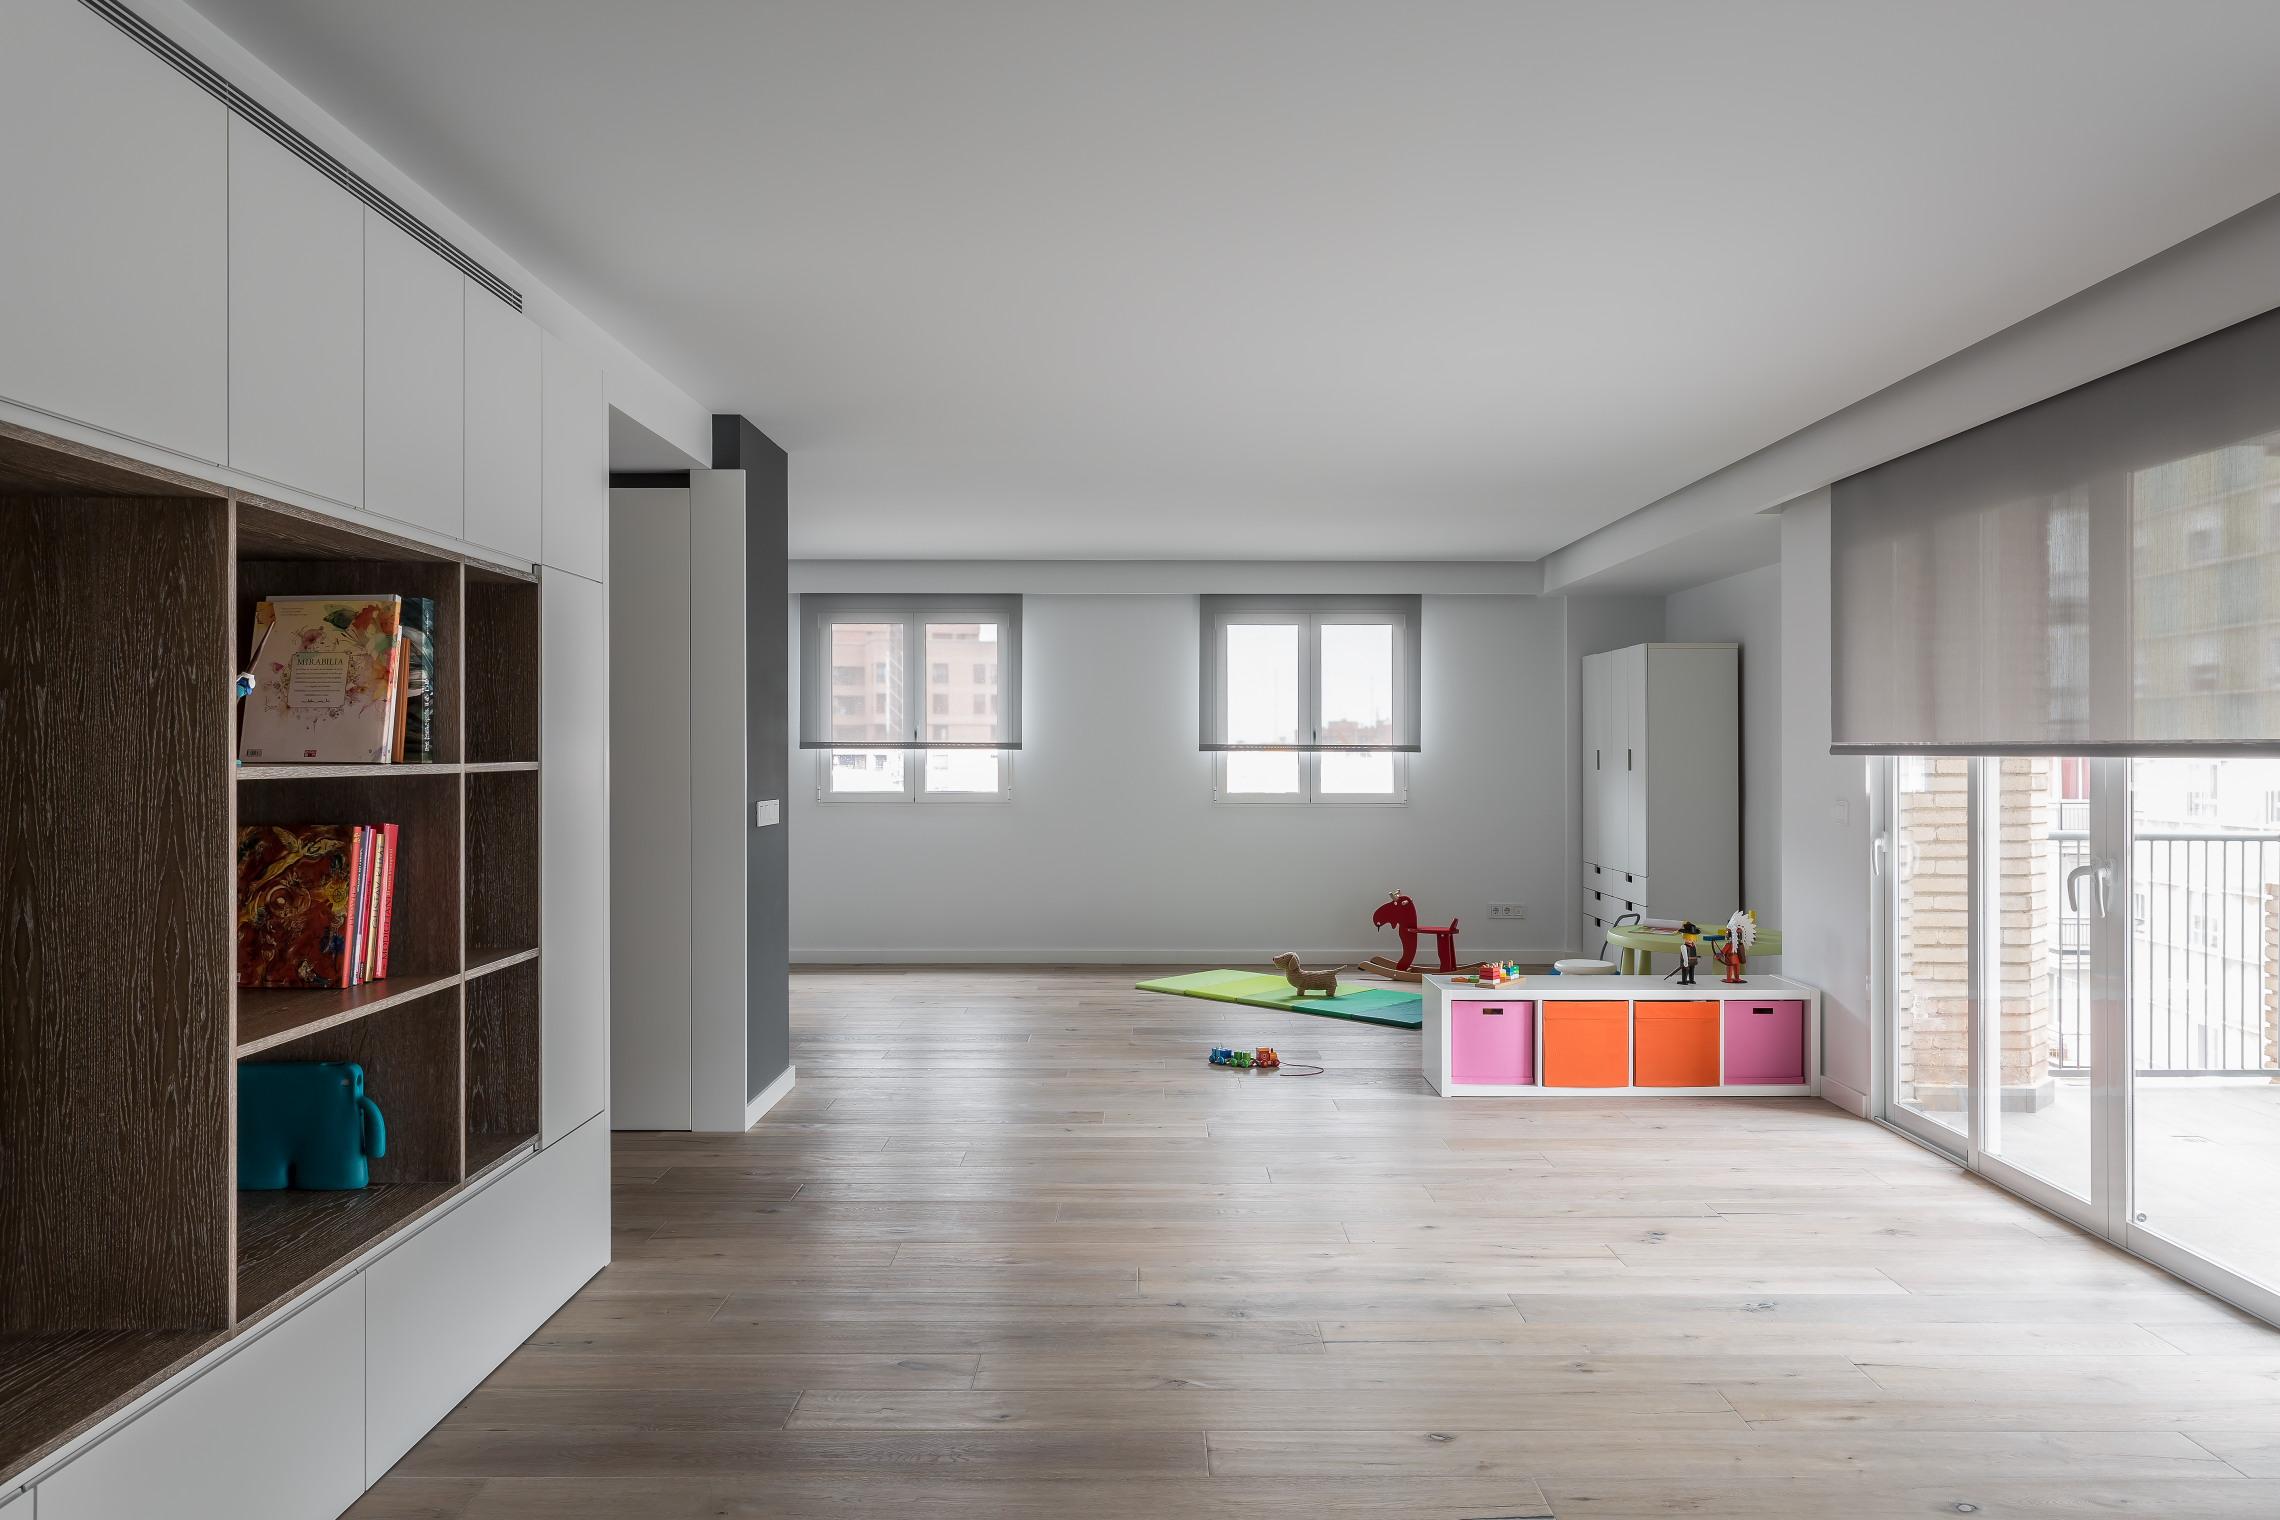 fotografia-arquitectura-valencia-german-cabo-ambau-gordillo (4)